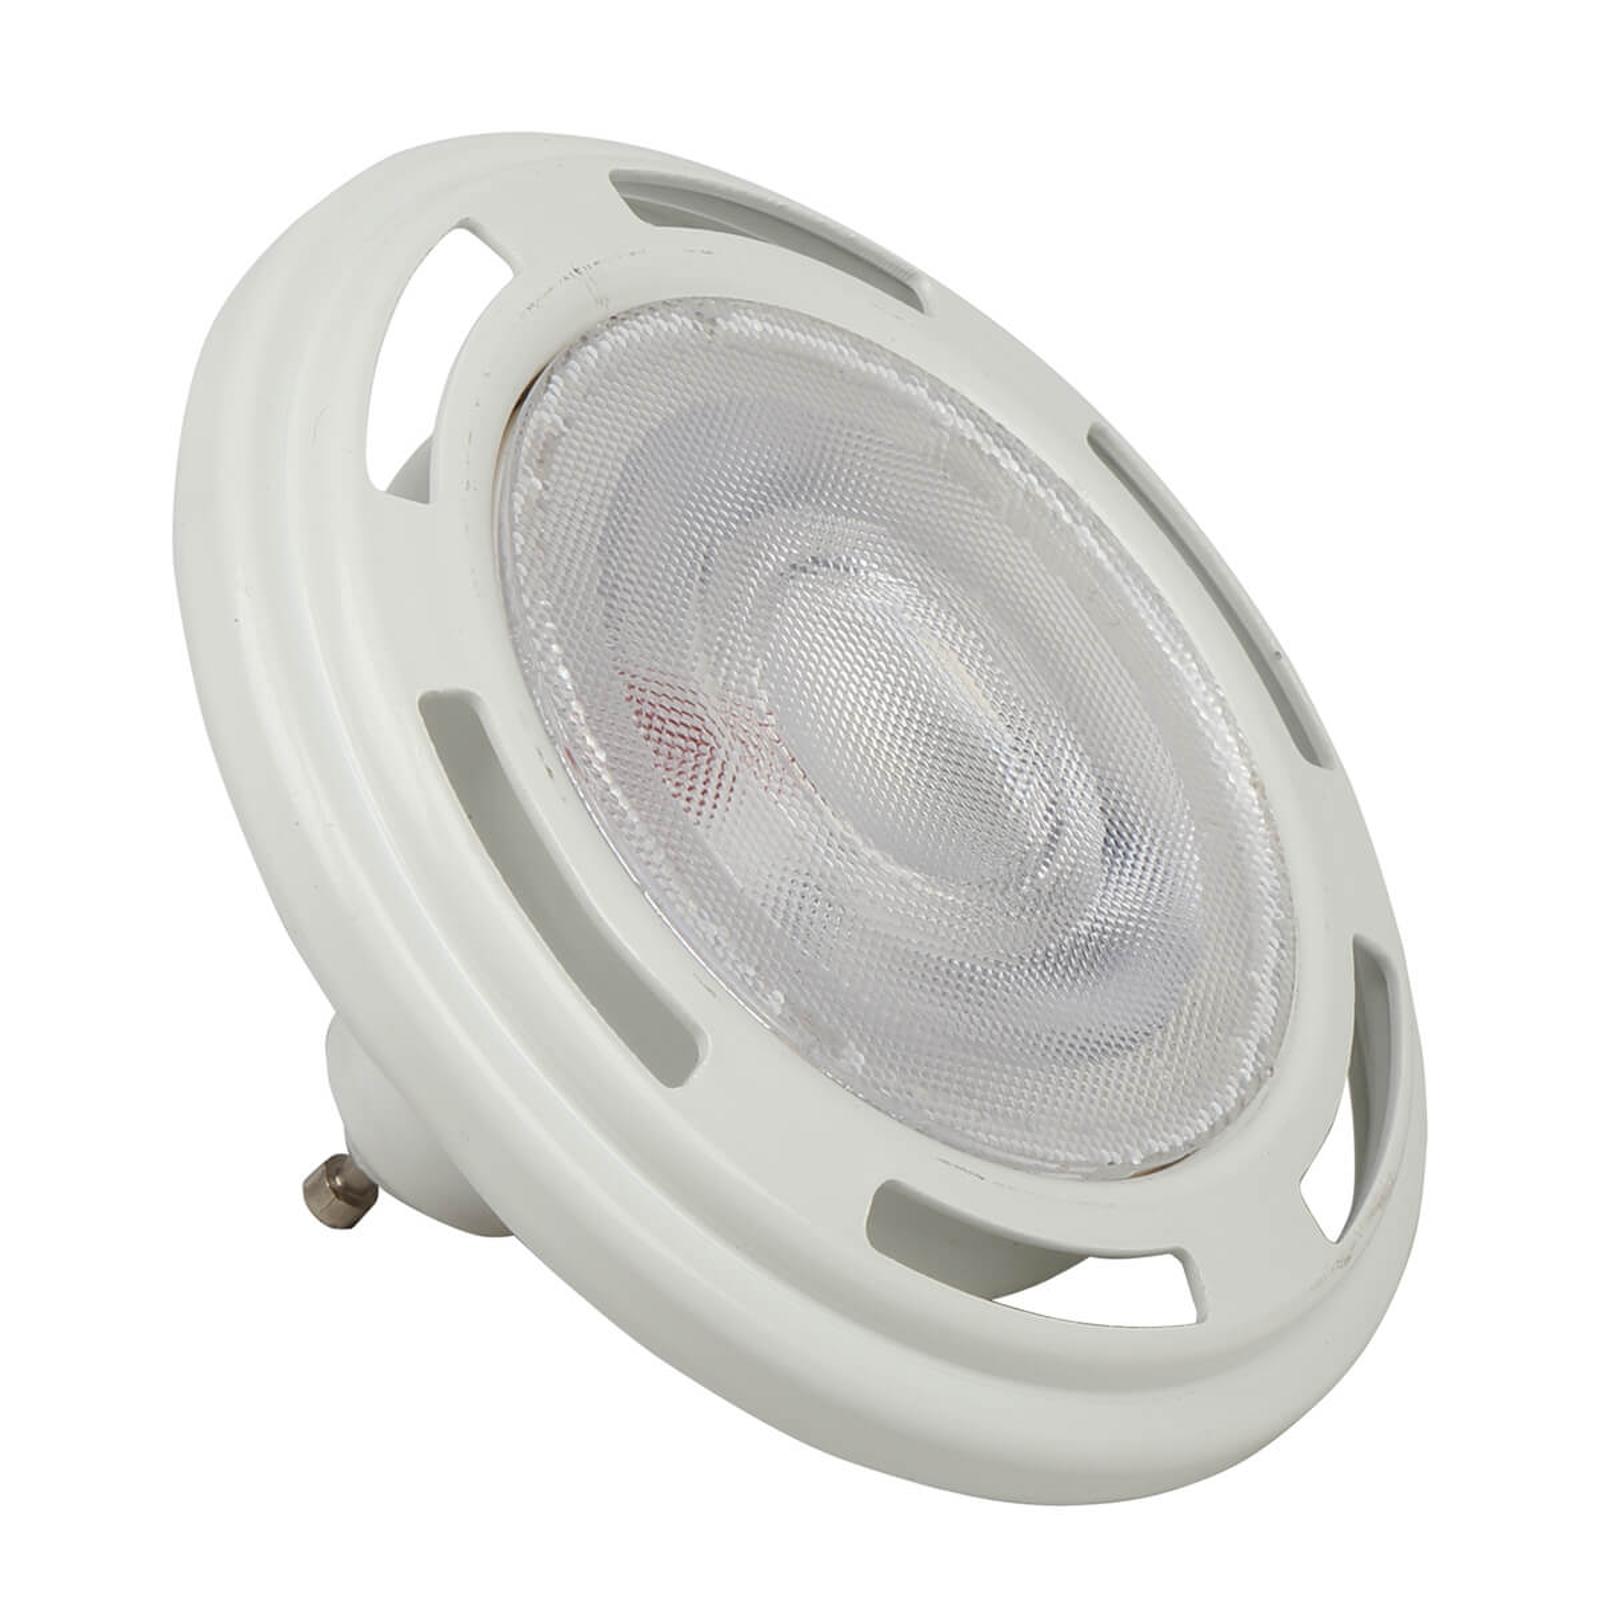 LED Reflektor ES111 25° GU10 13W, warmweiß